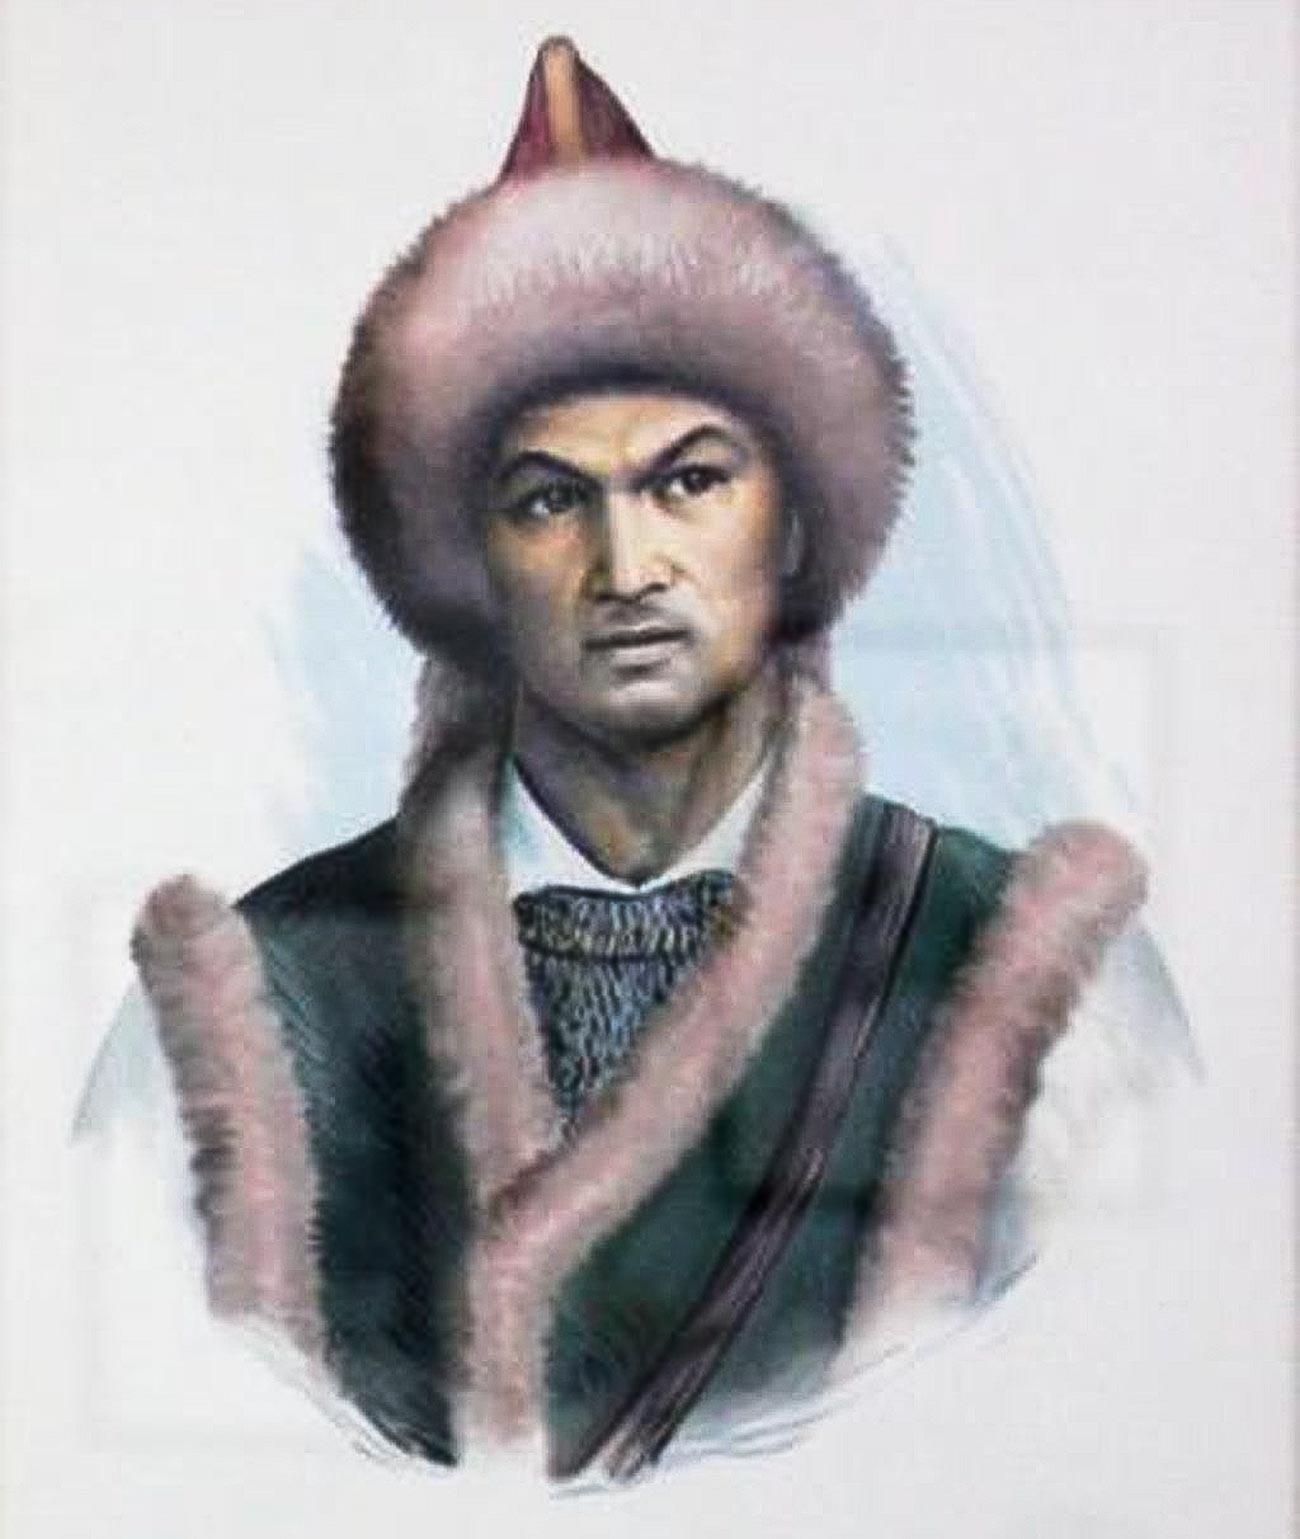 Potret Salavat Yulayev oleh F. Islakhov